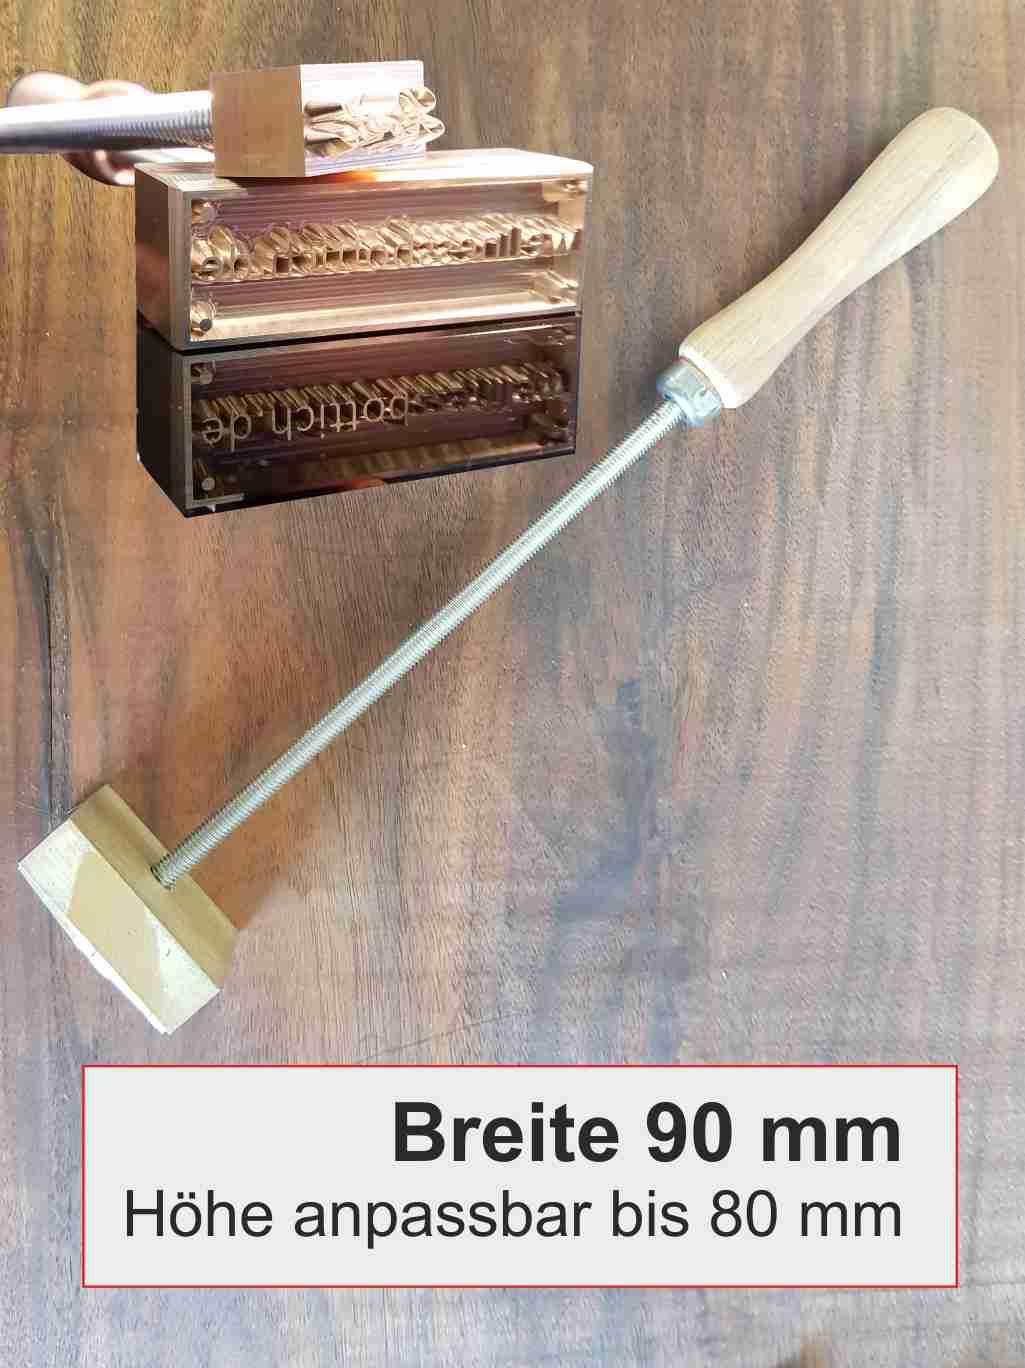 Brandstempel manuell | Breite 90 mm